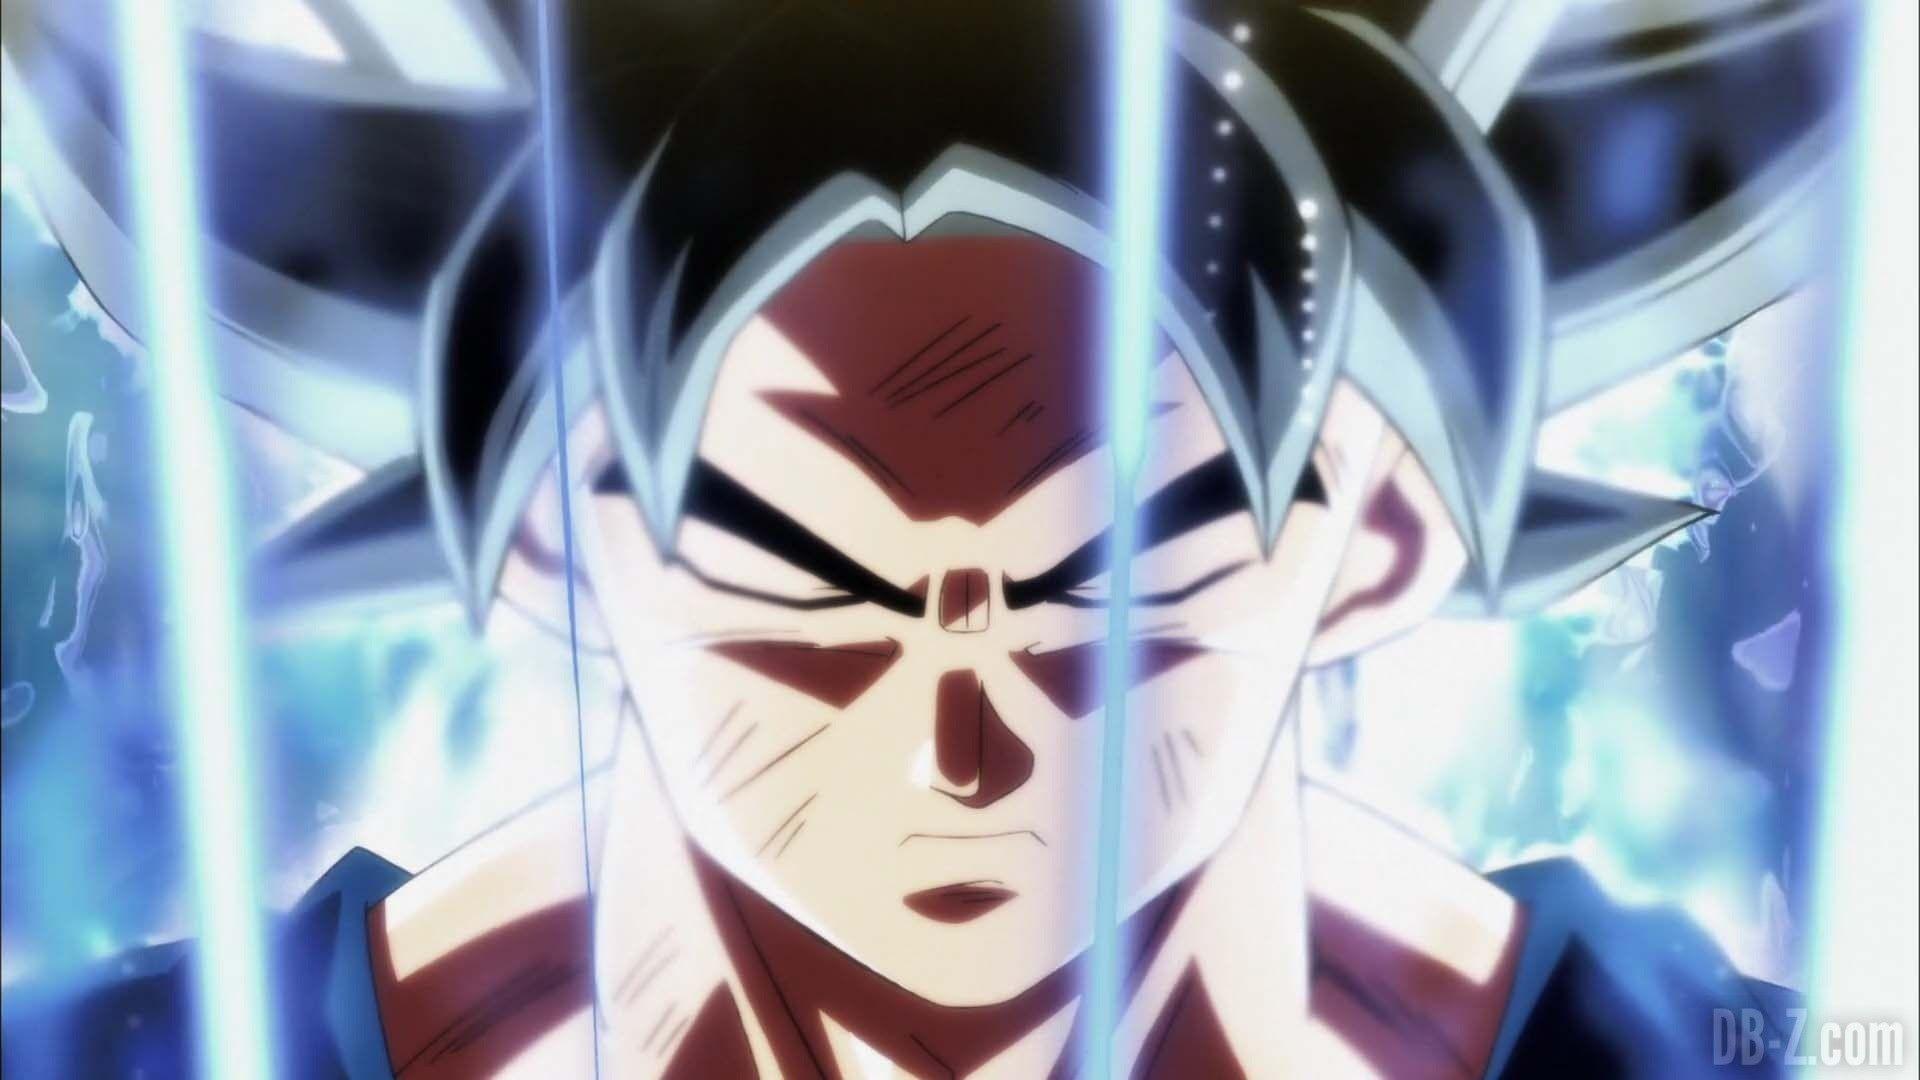 Ui Goku Dragonball Series Pinterest Goku Dragon Ball And Dragons